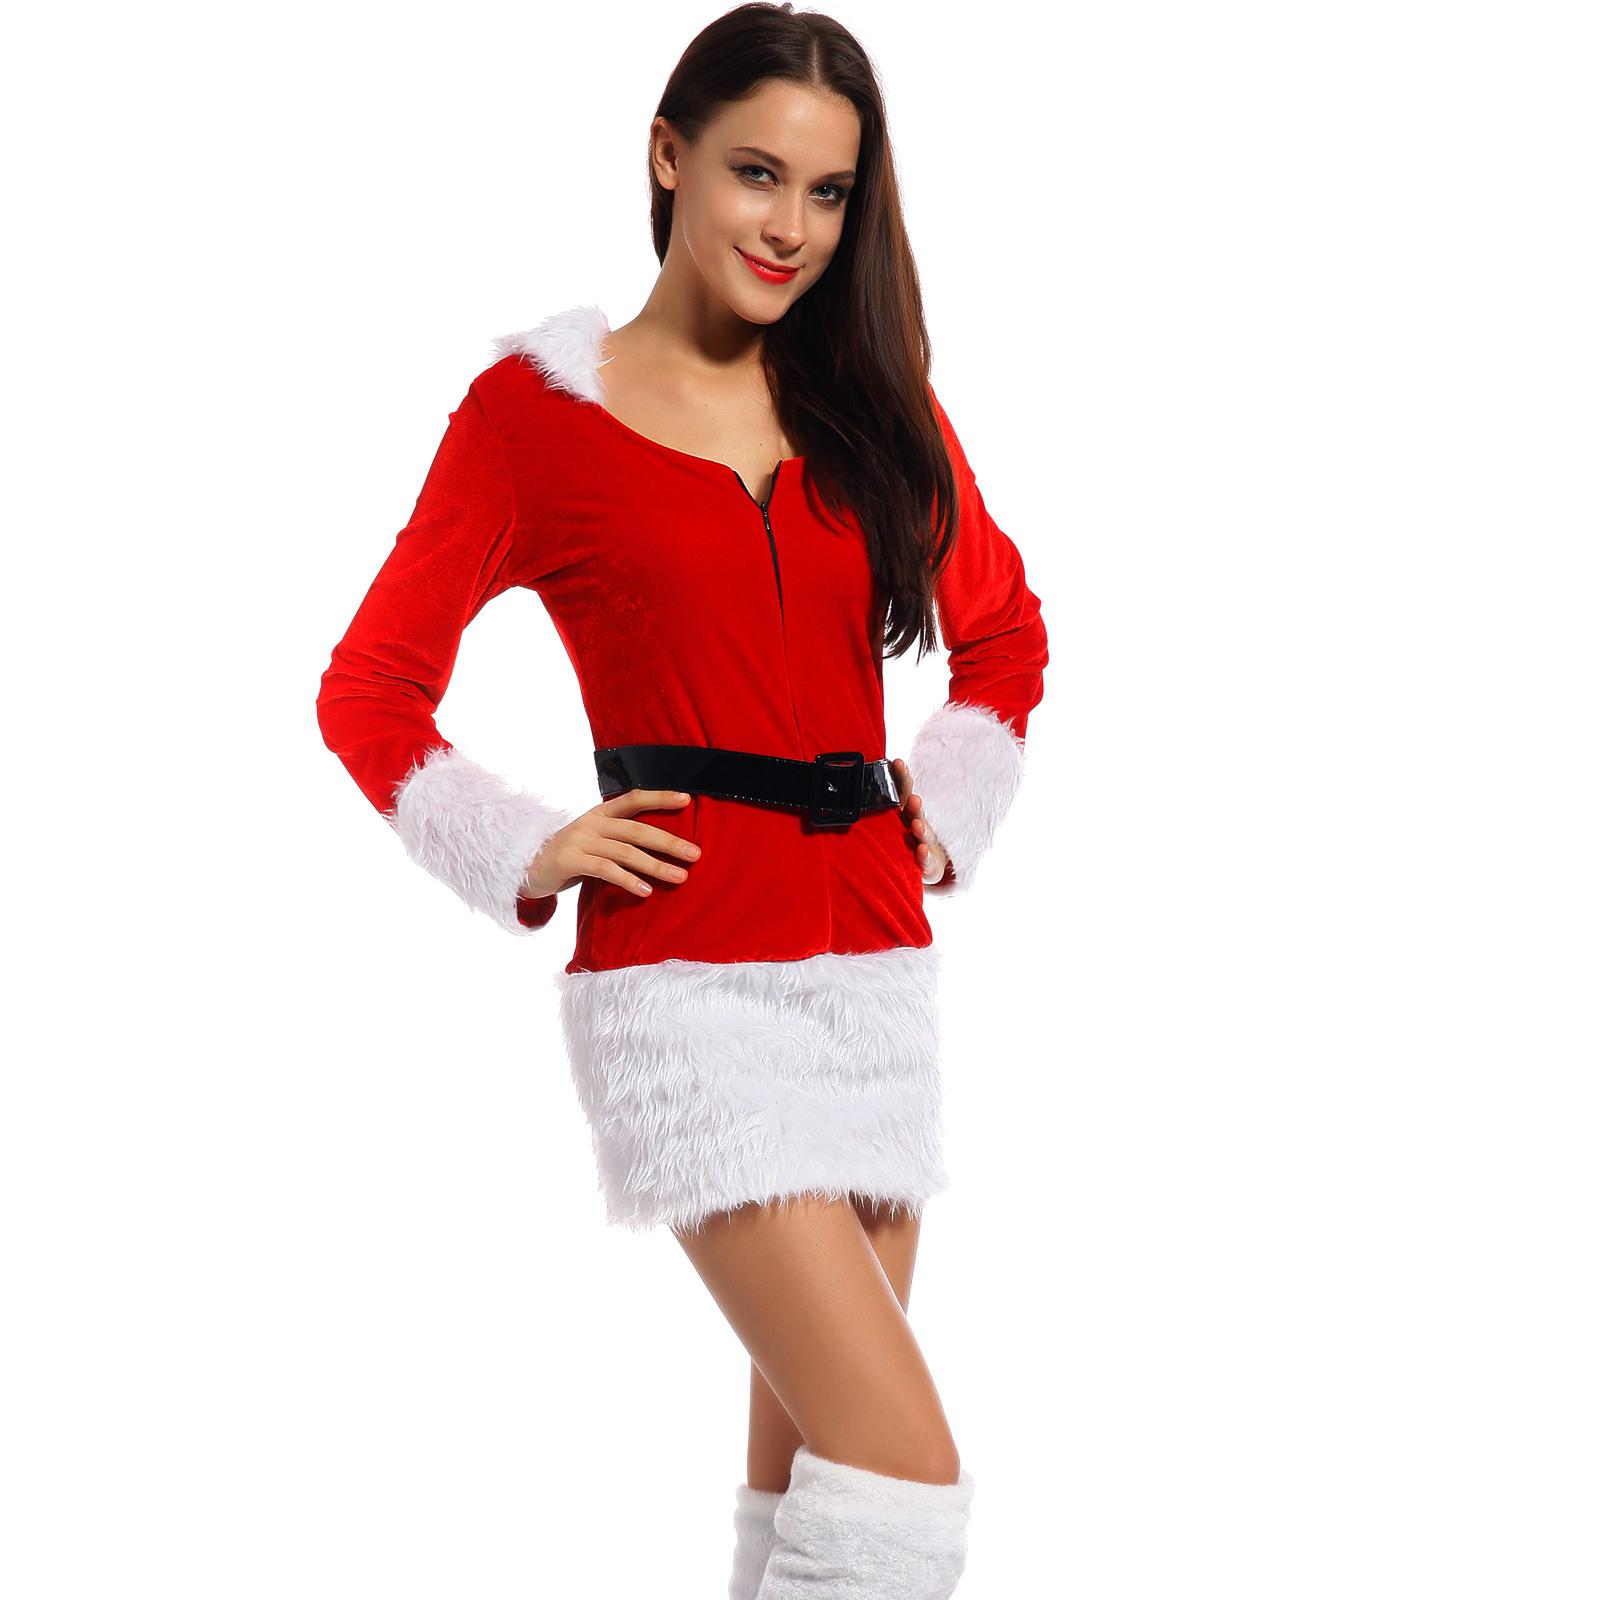 Erwachsene Kostüm Weihnachtsfrau Kleid Weihnachten Kleider